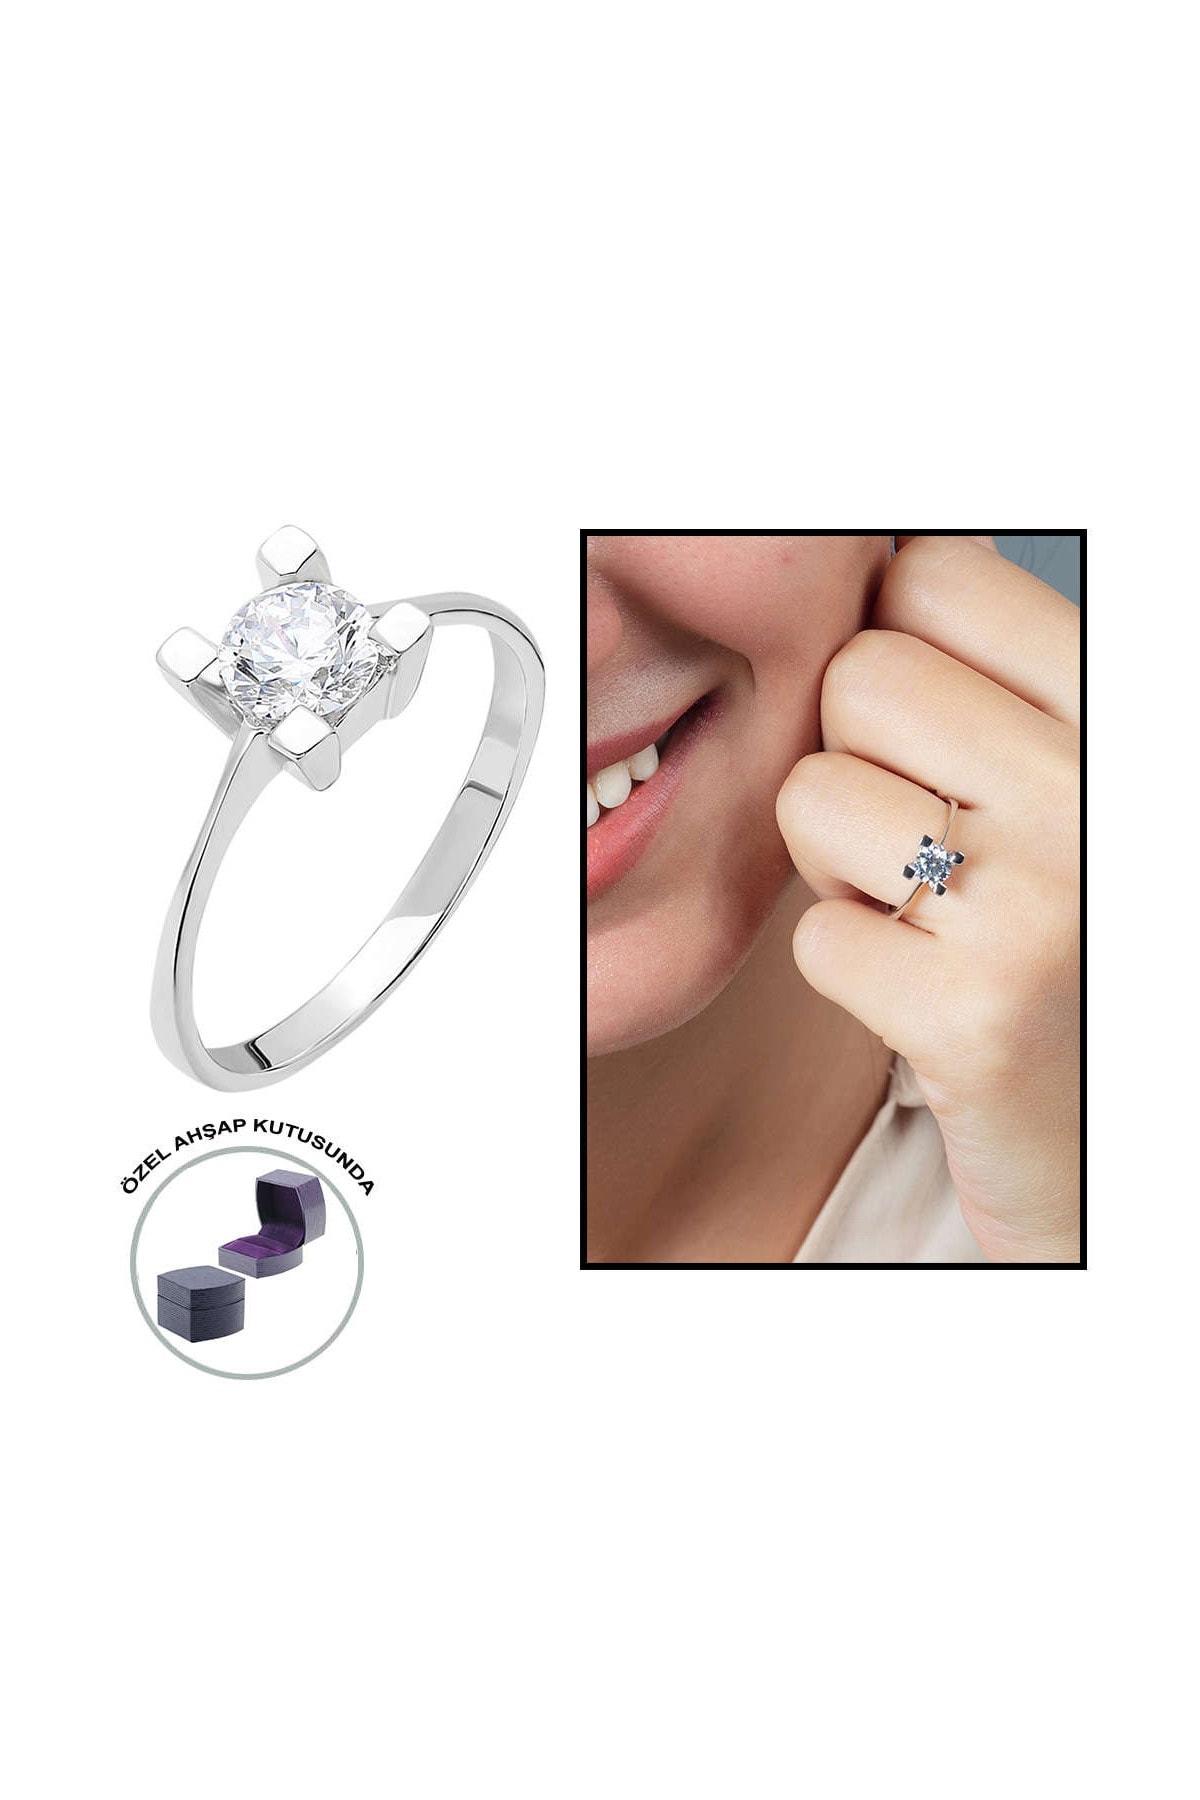 Tesbihane Starlight Diamond Pırlanta Montür Kare Tasarım 925 Ayar Gümüş Bayan Tektaş Yüzük 102001785 0